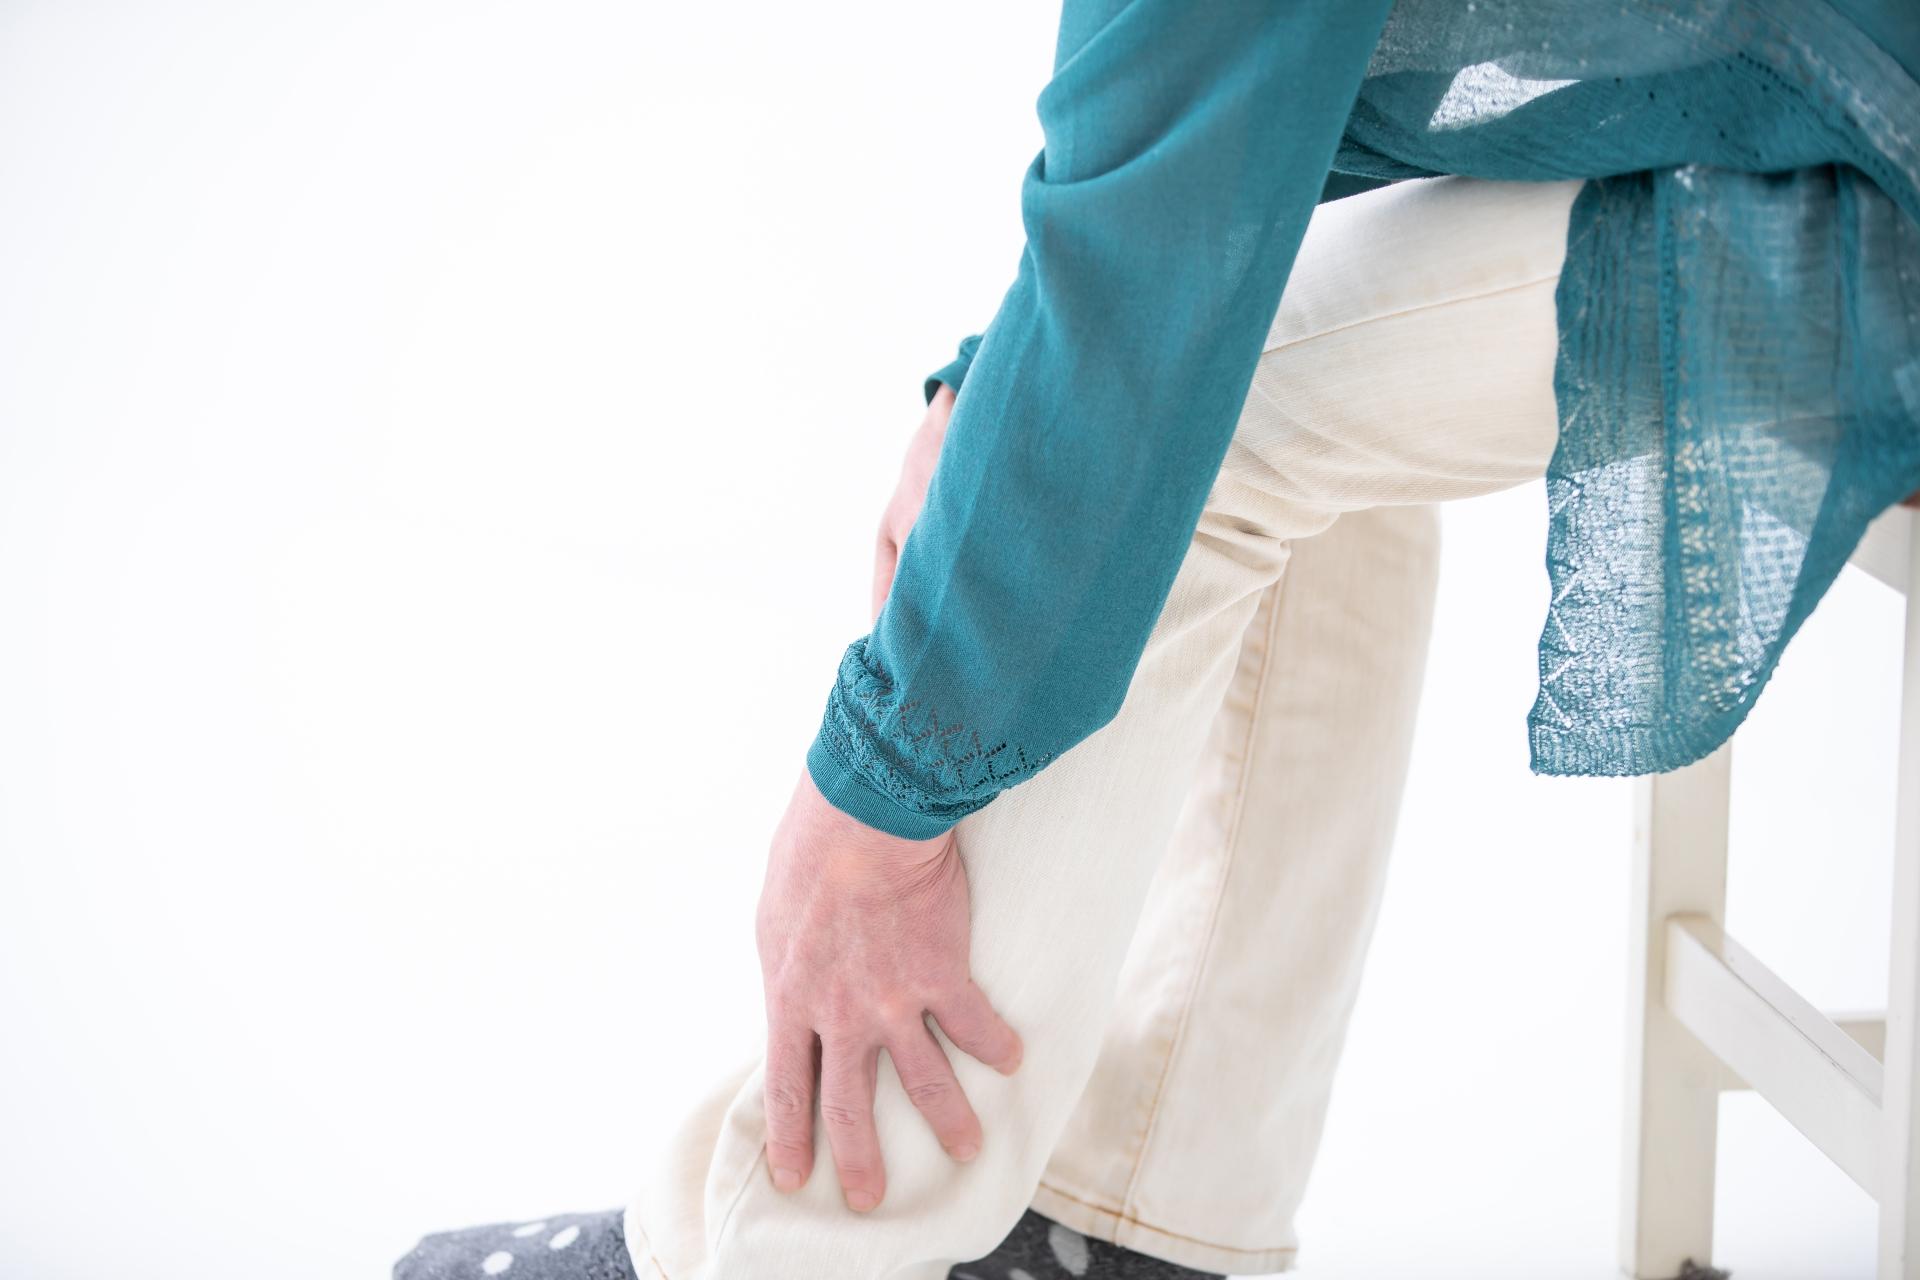 糖尿病合併症 足の病変